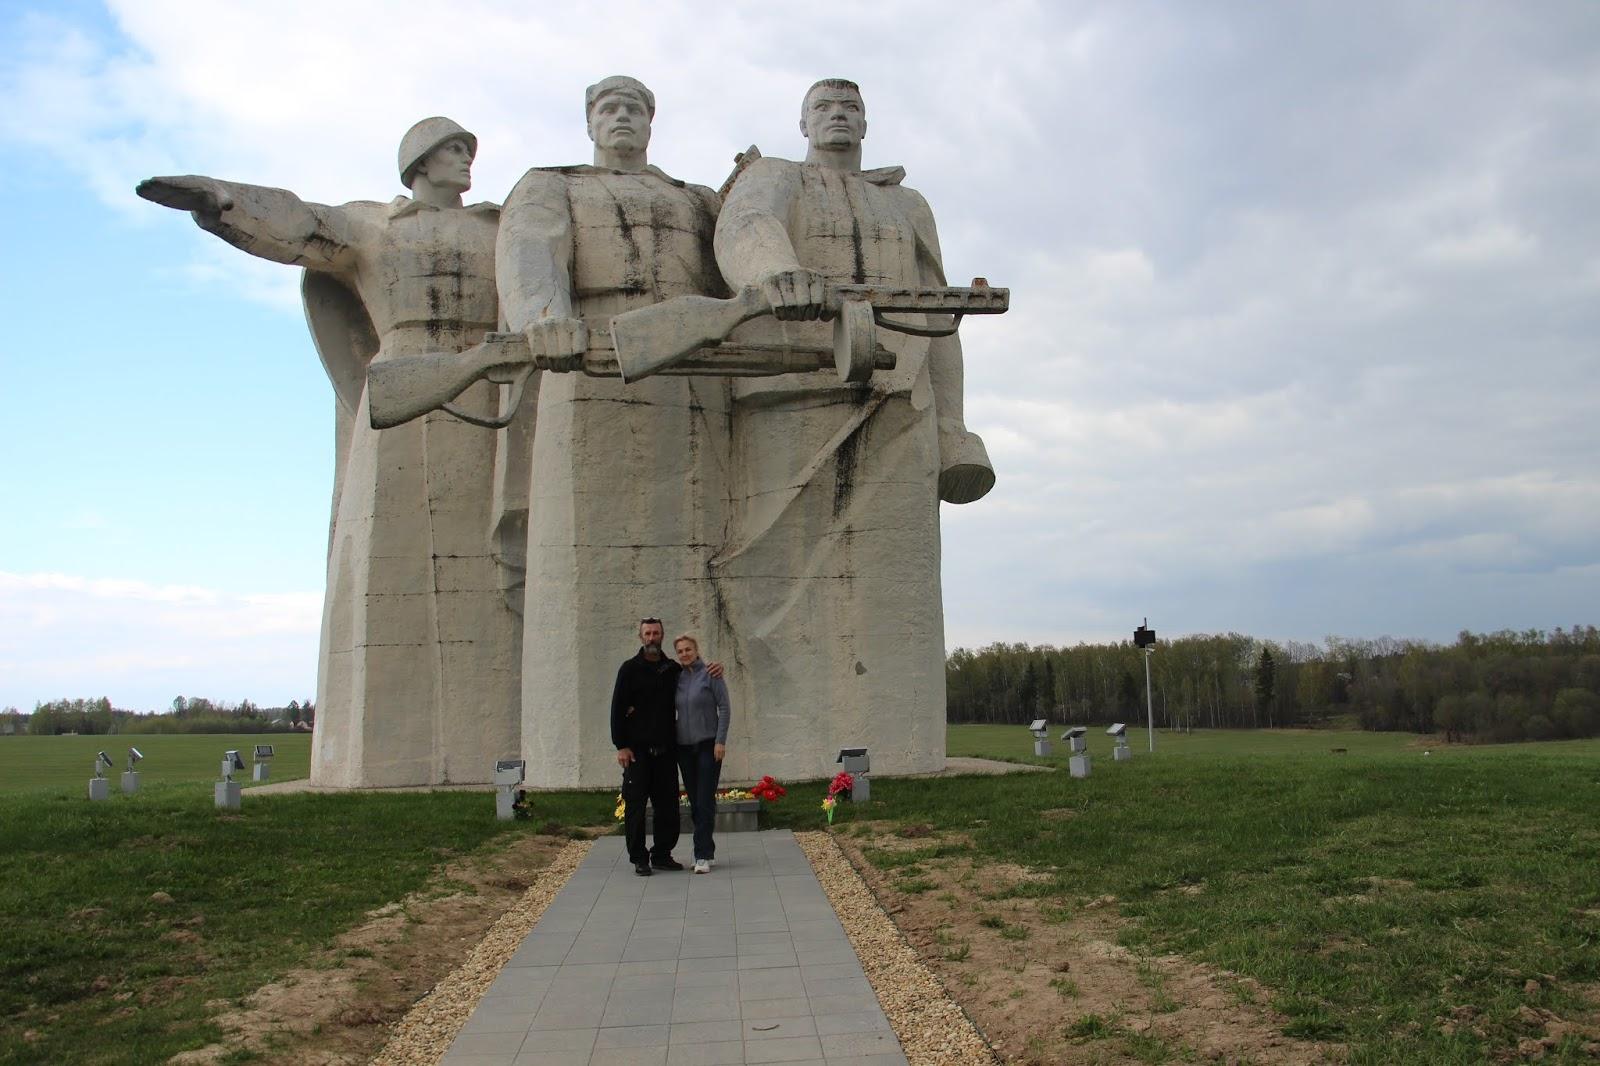 28 панфиловцев картинки памятника, праздник фирма открытки